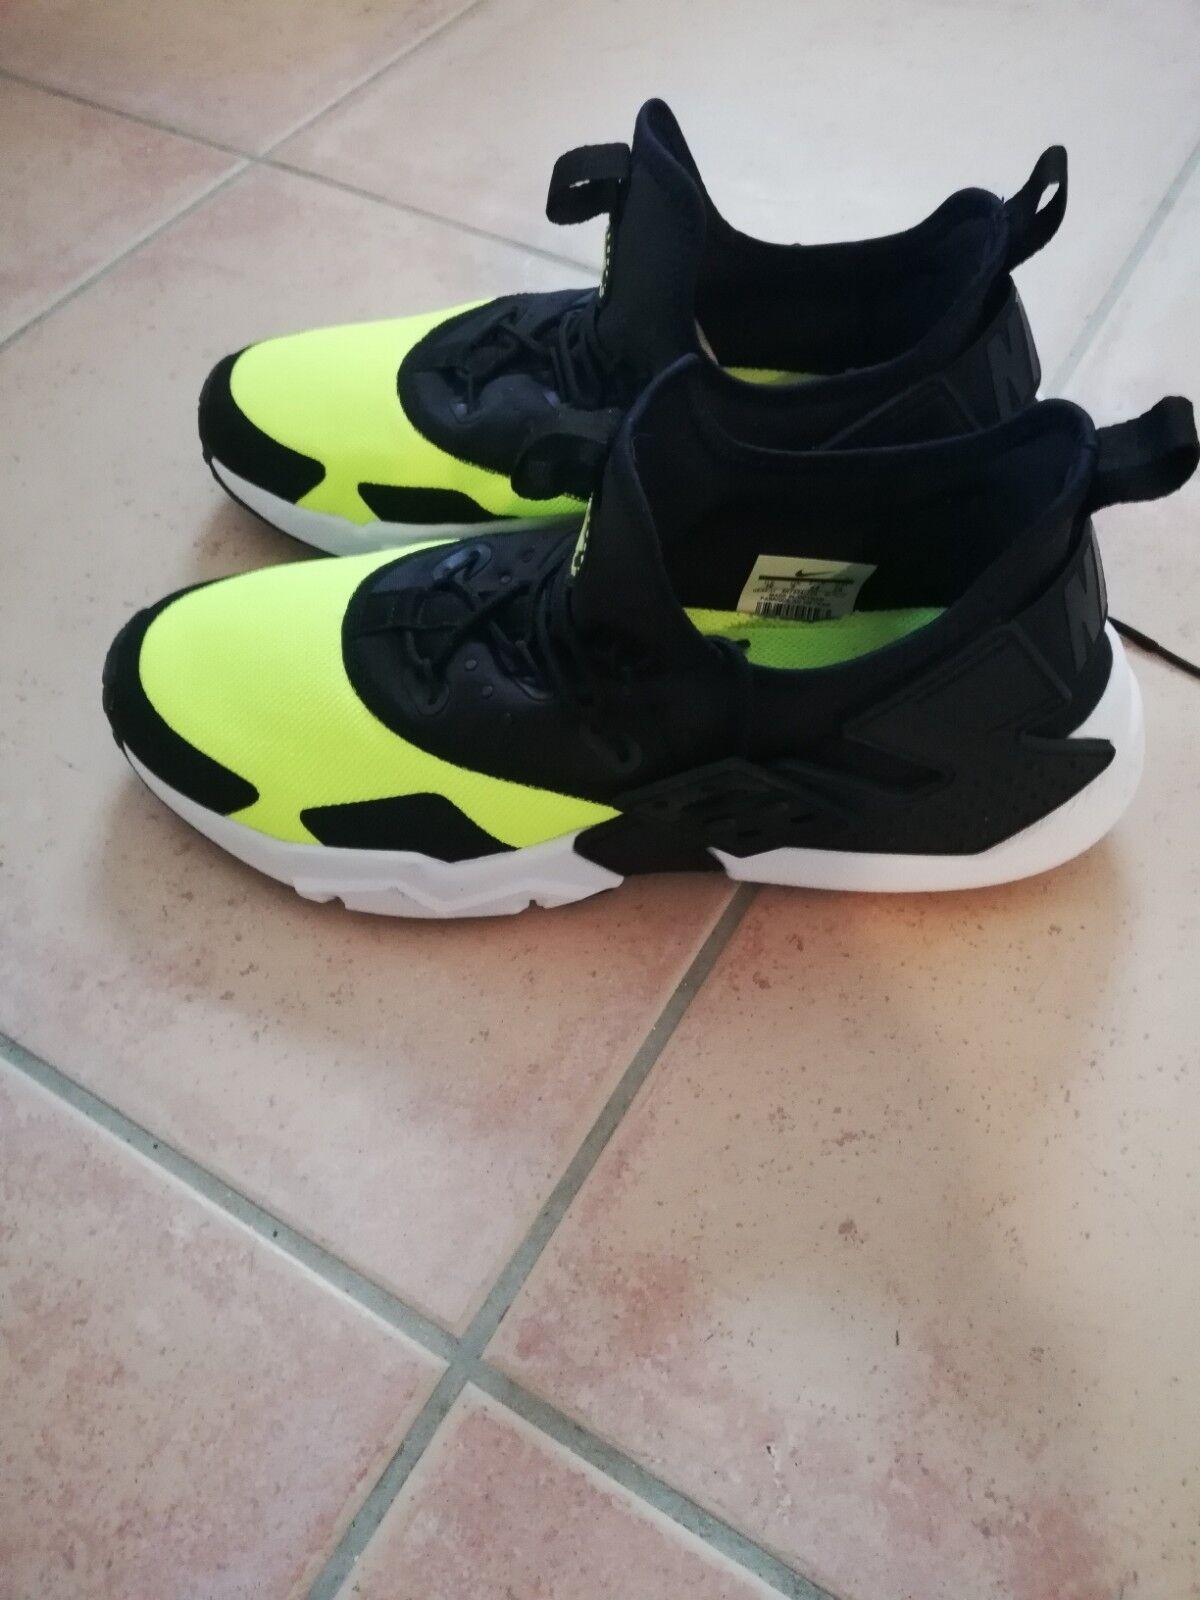 huge selection of c7f32 b9c24 ... Nike air huarache drift drift drift schwarz volt, Gr. 44, NEU Helle  farben